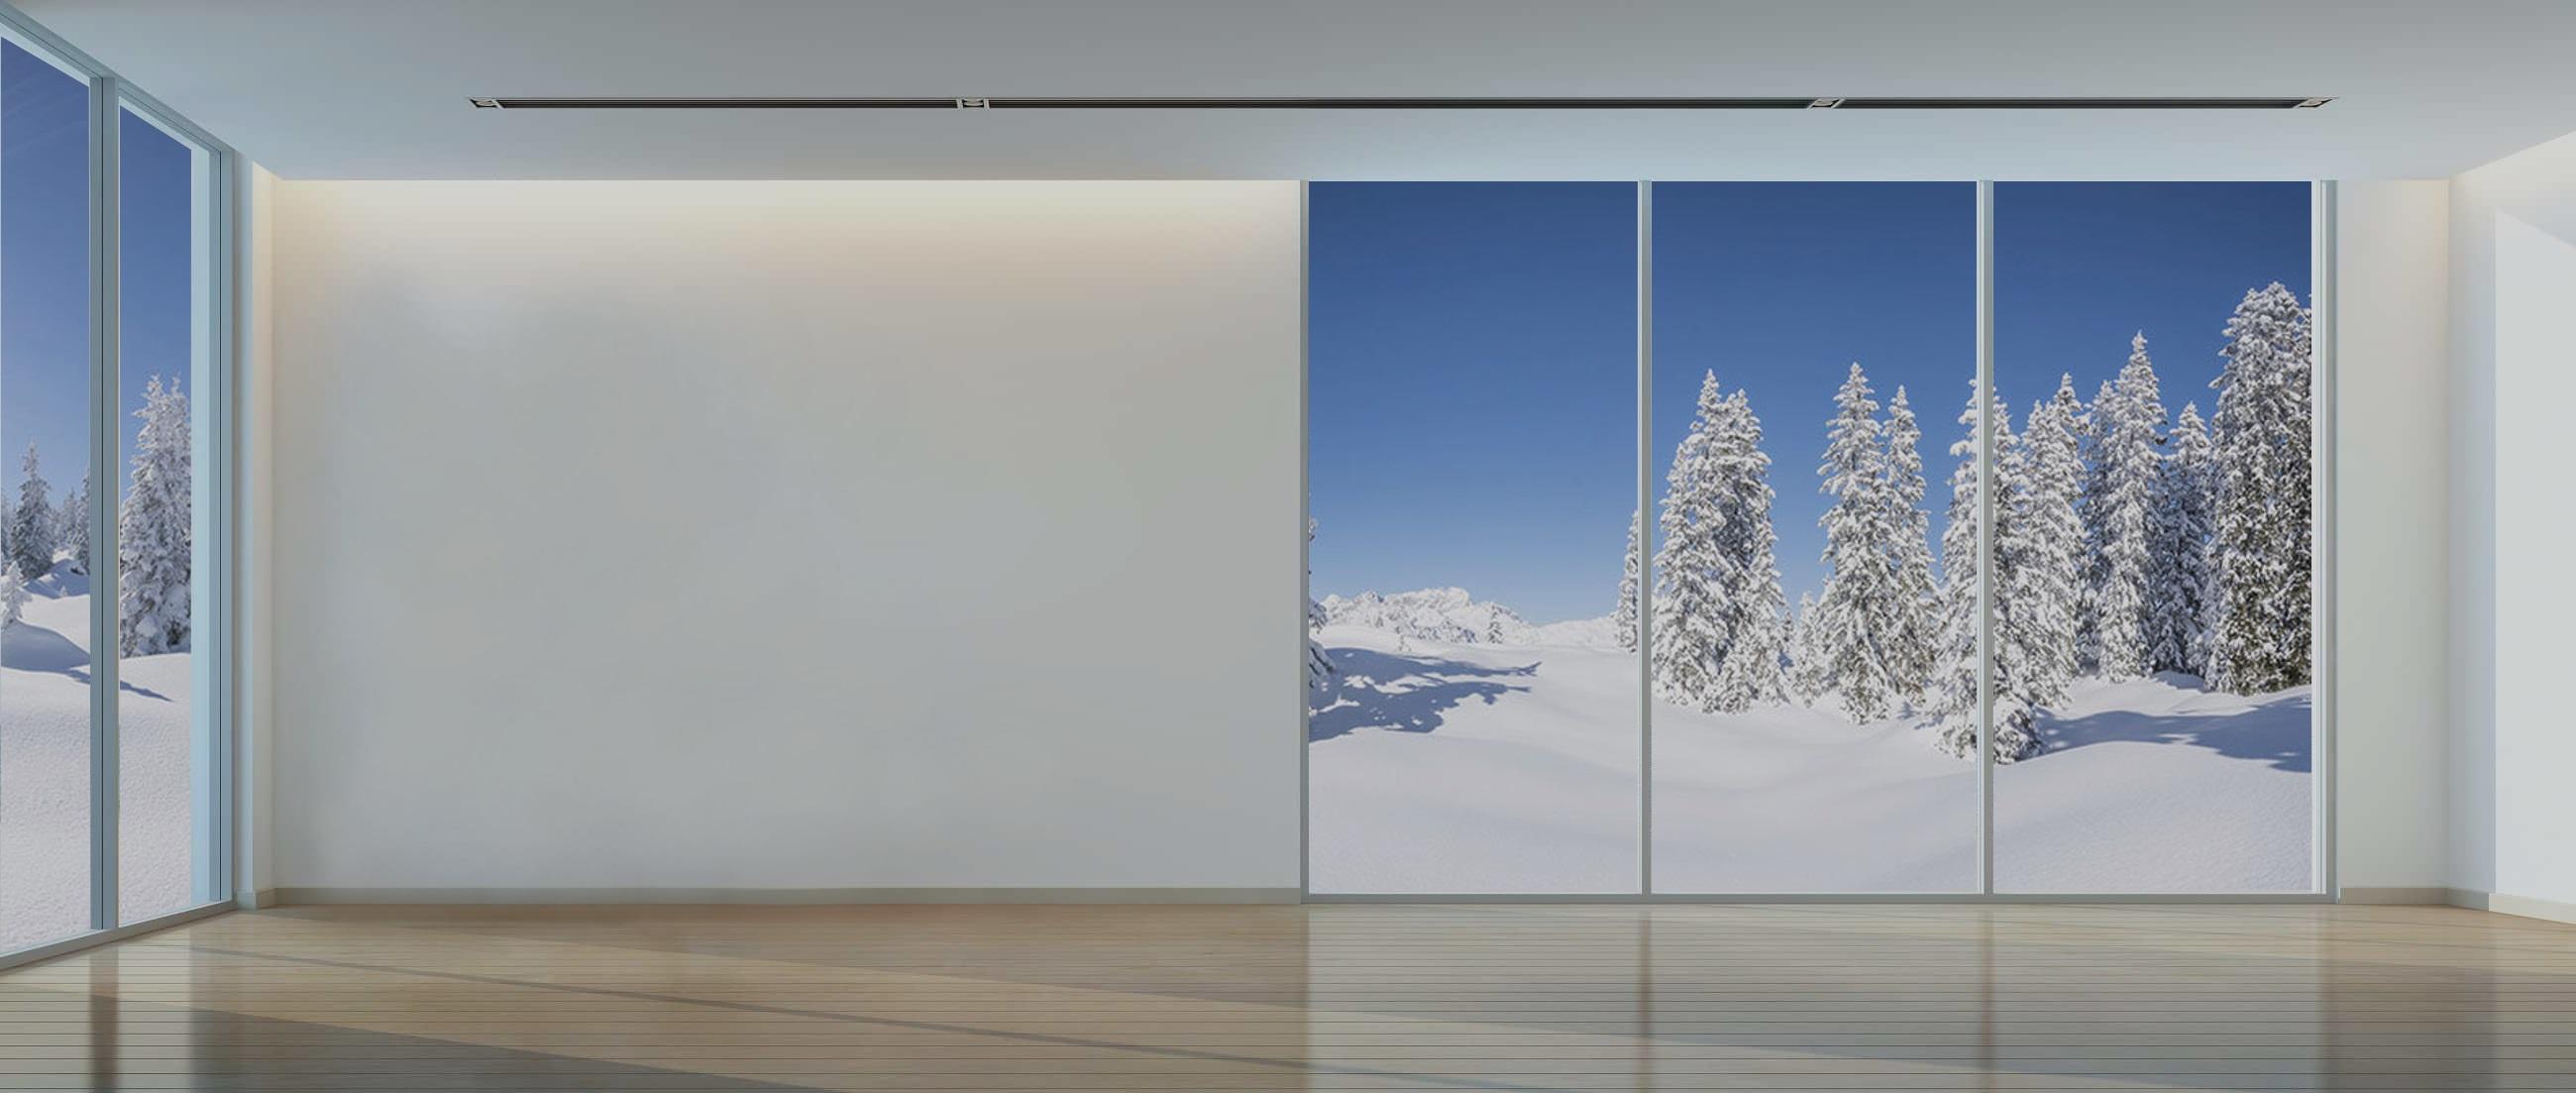 Intérieur vitré avec vue sur décor hivernal